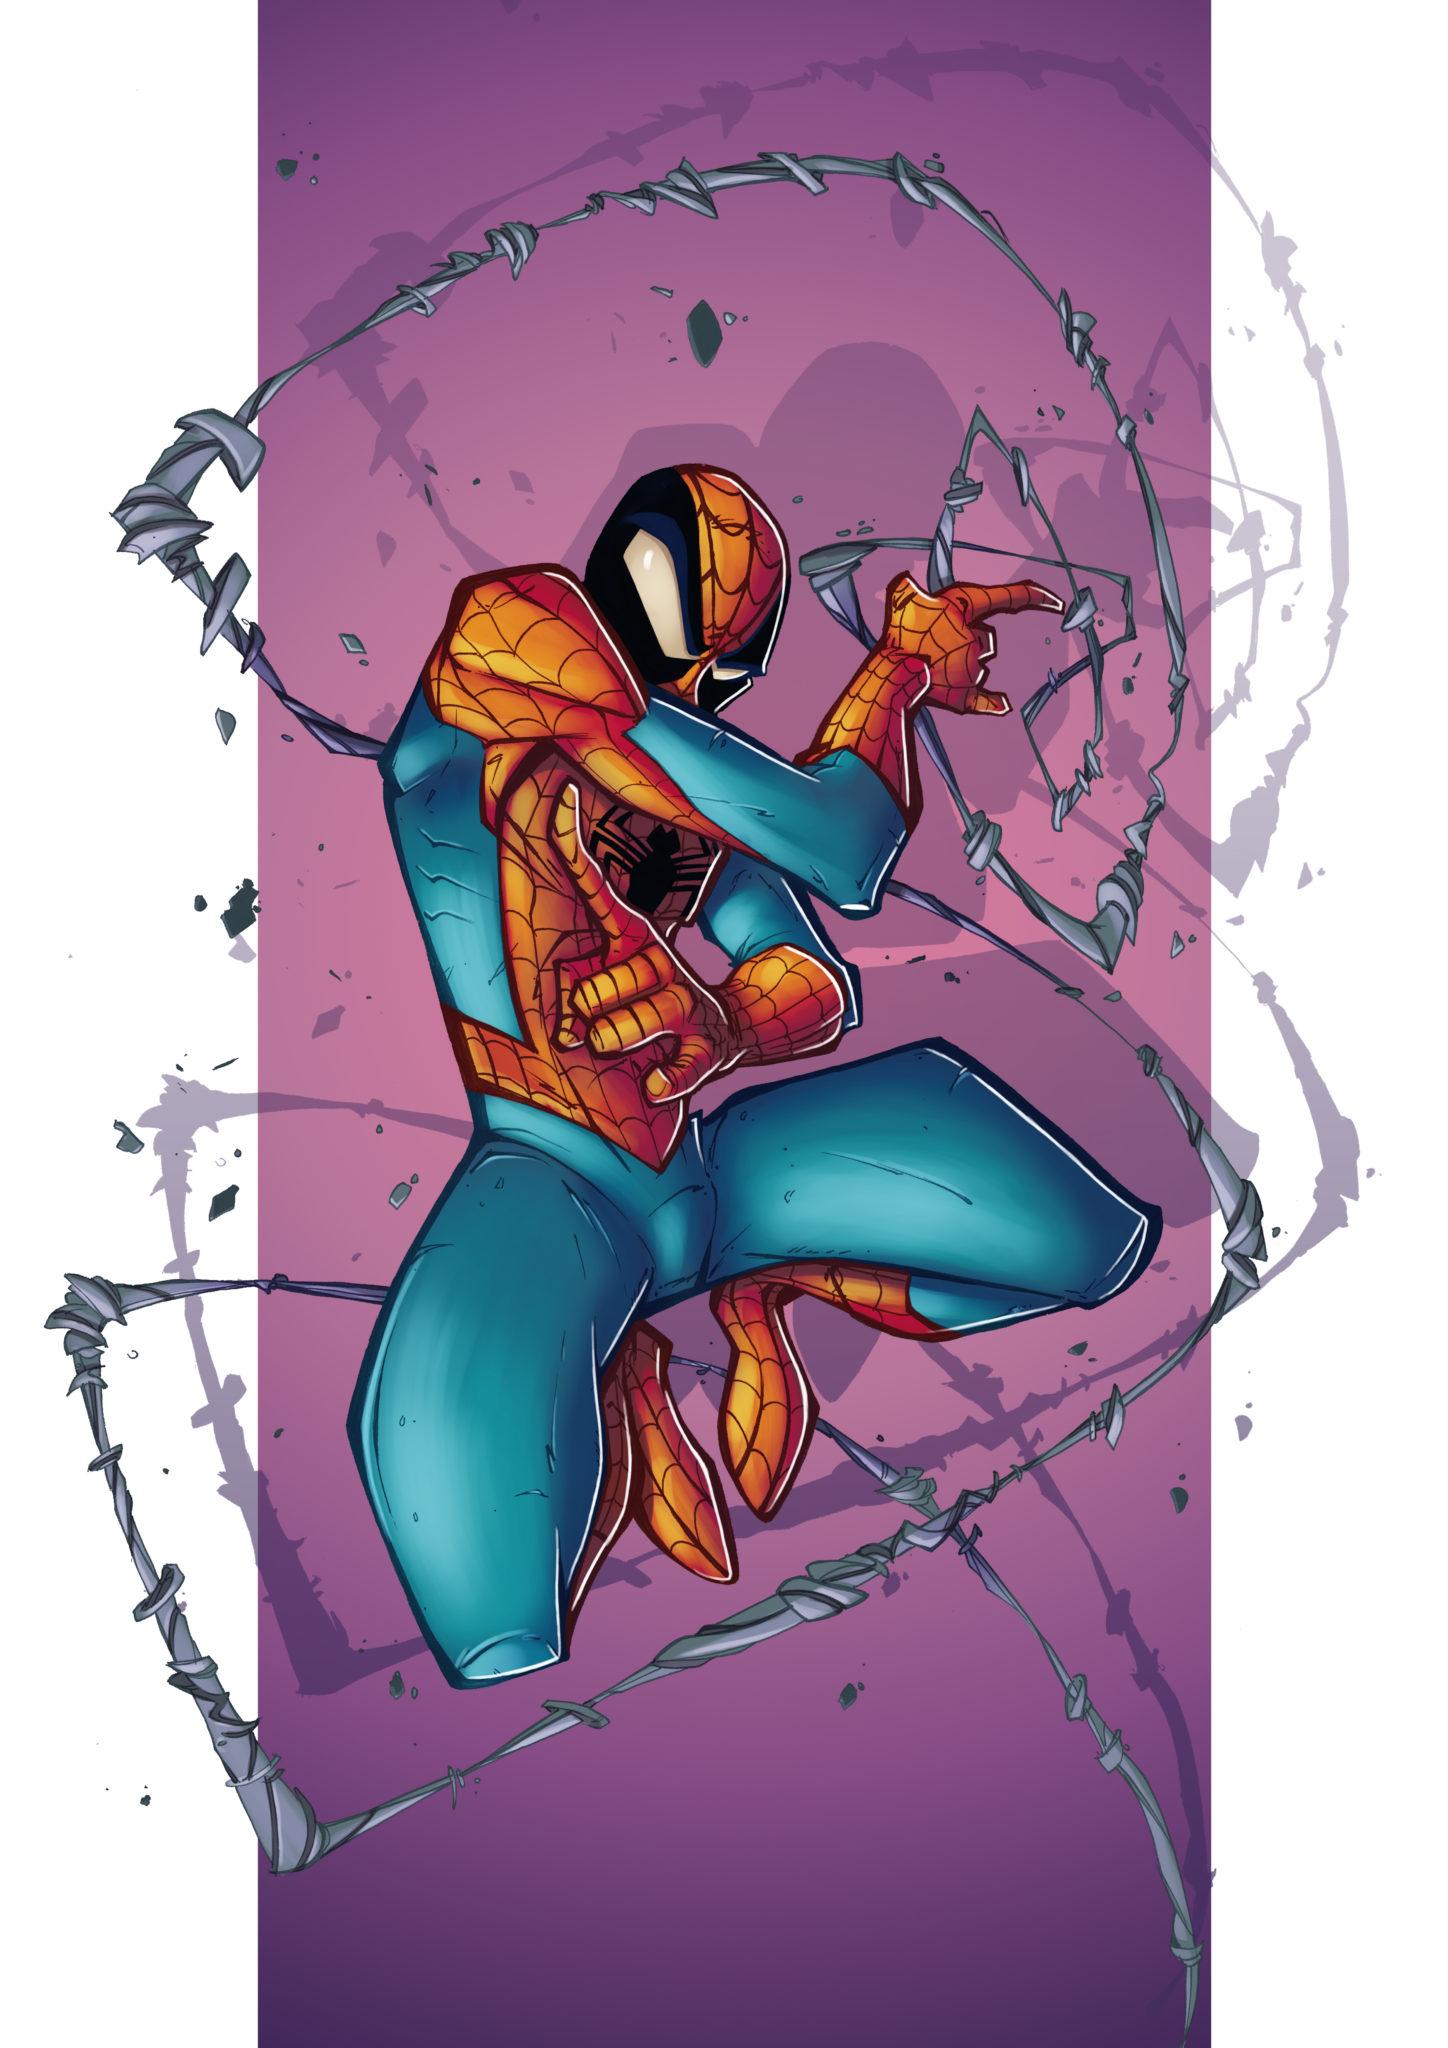 Spider-Man Illustration